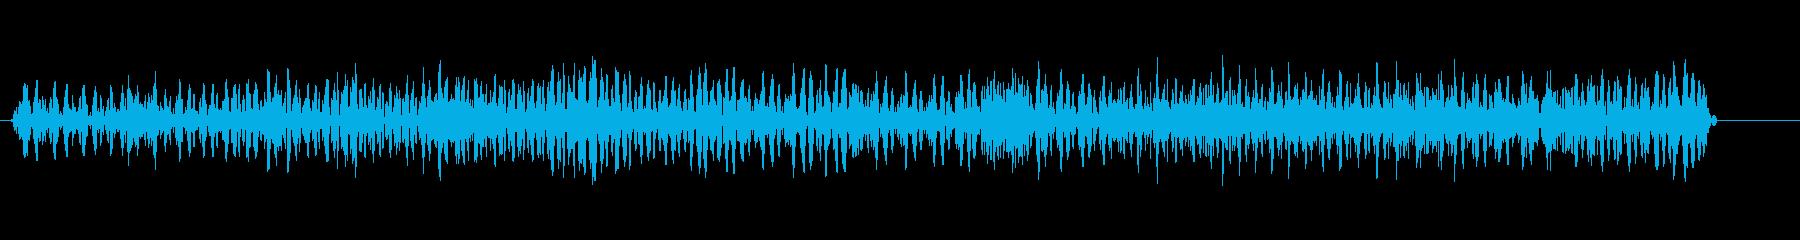 ブゥ〜ンブゥ〜ン(不快な感じのノイズ音)の再生済みの波形